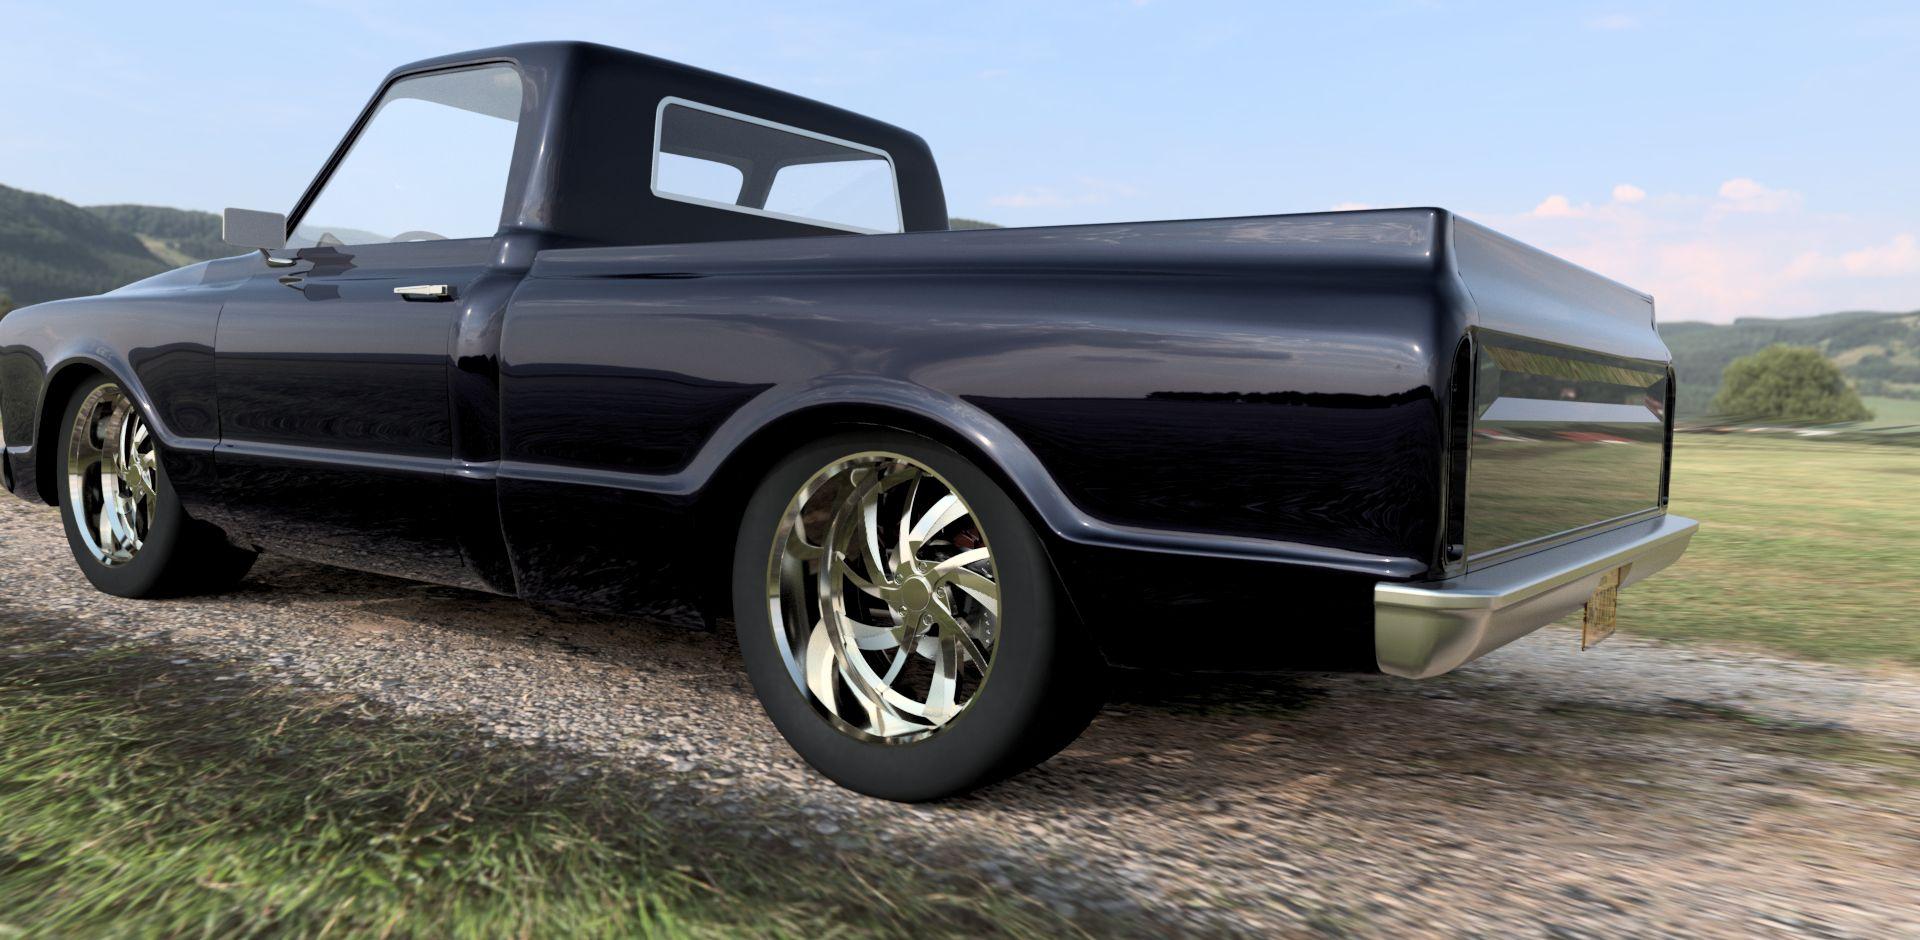 Truck-body5-v44-1-3500-3500